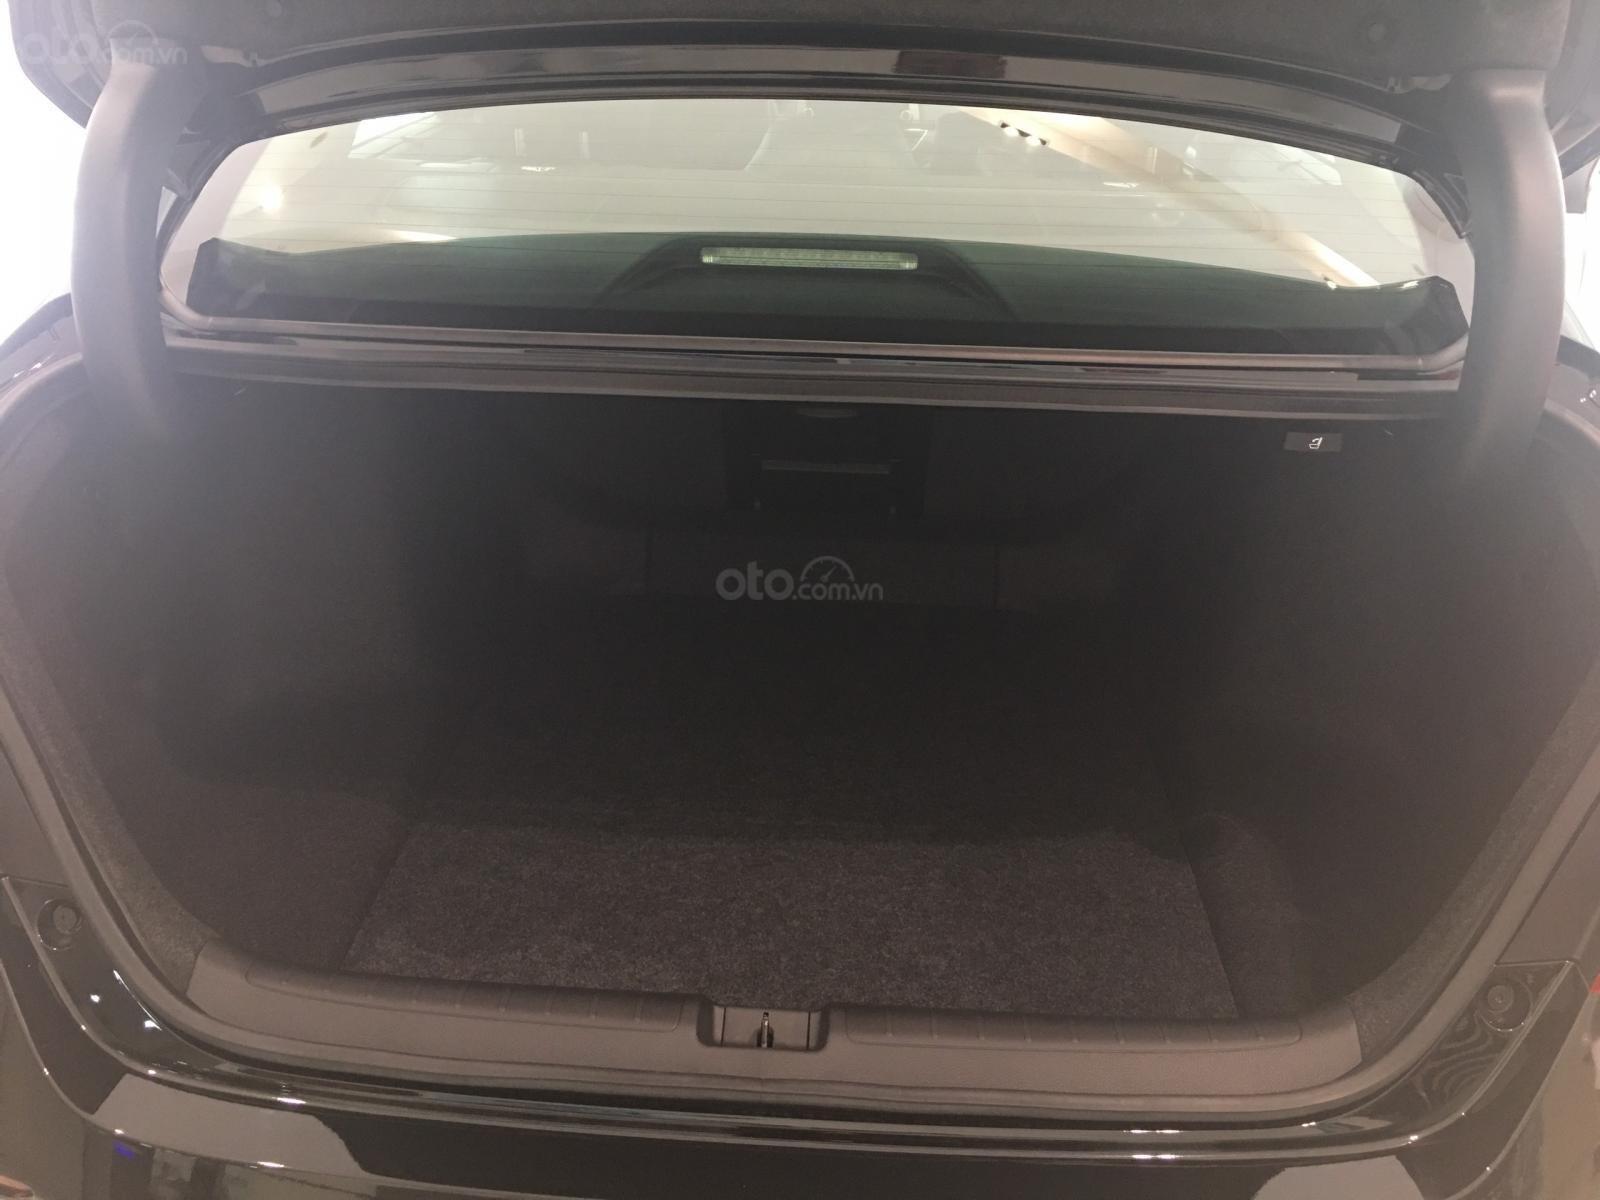 Honda Accord 2019 1.5 Turbo - Nhập khẩu nguyên chiếc - Giao ngay. LH: 0966877768 Mr. Hải (14)